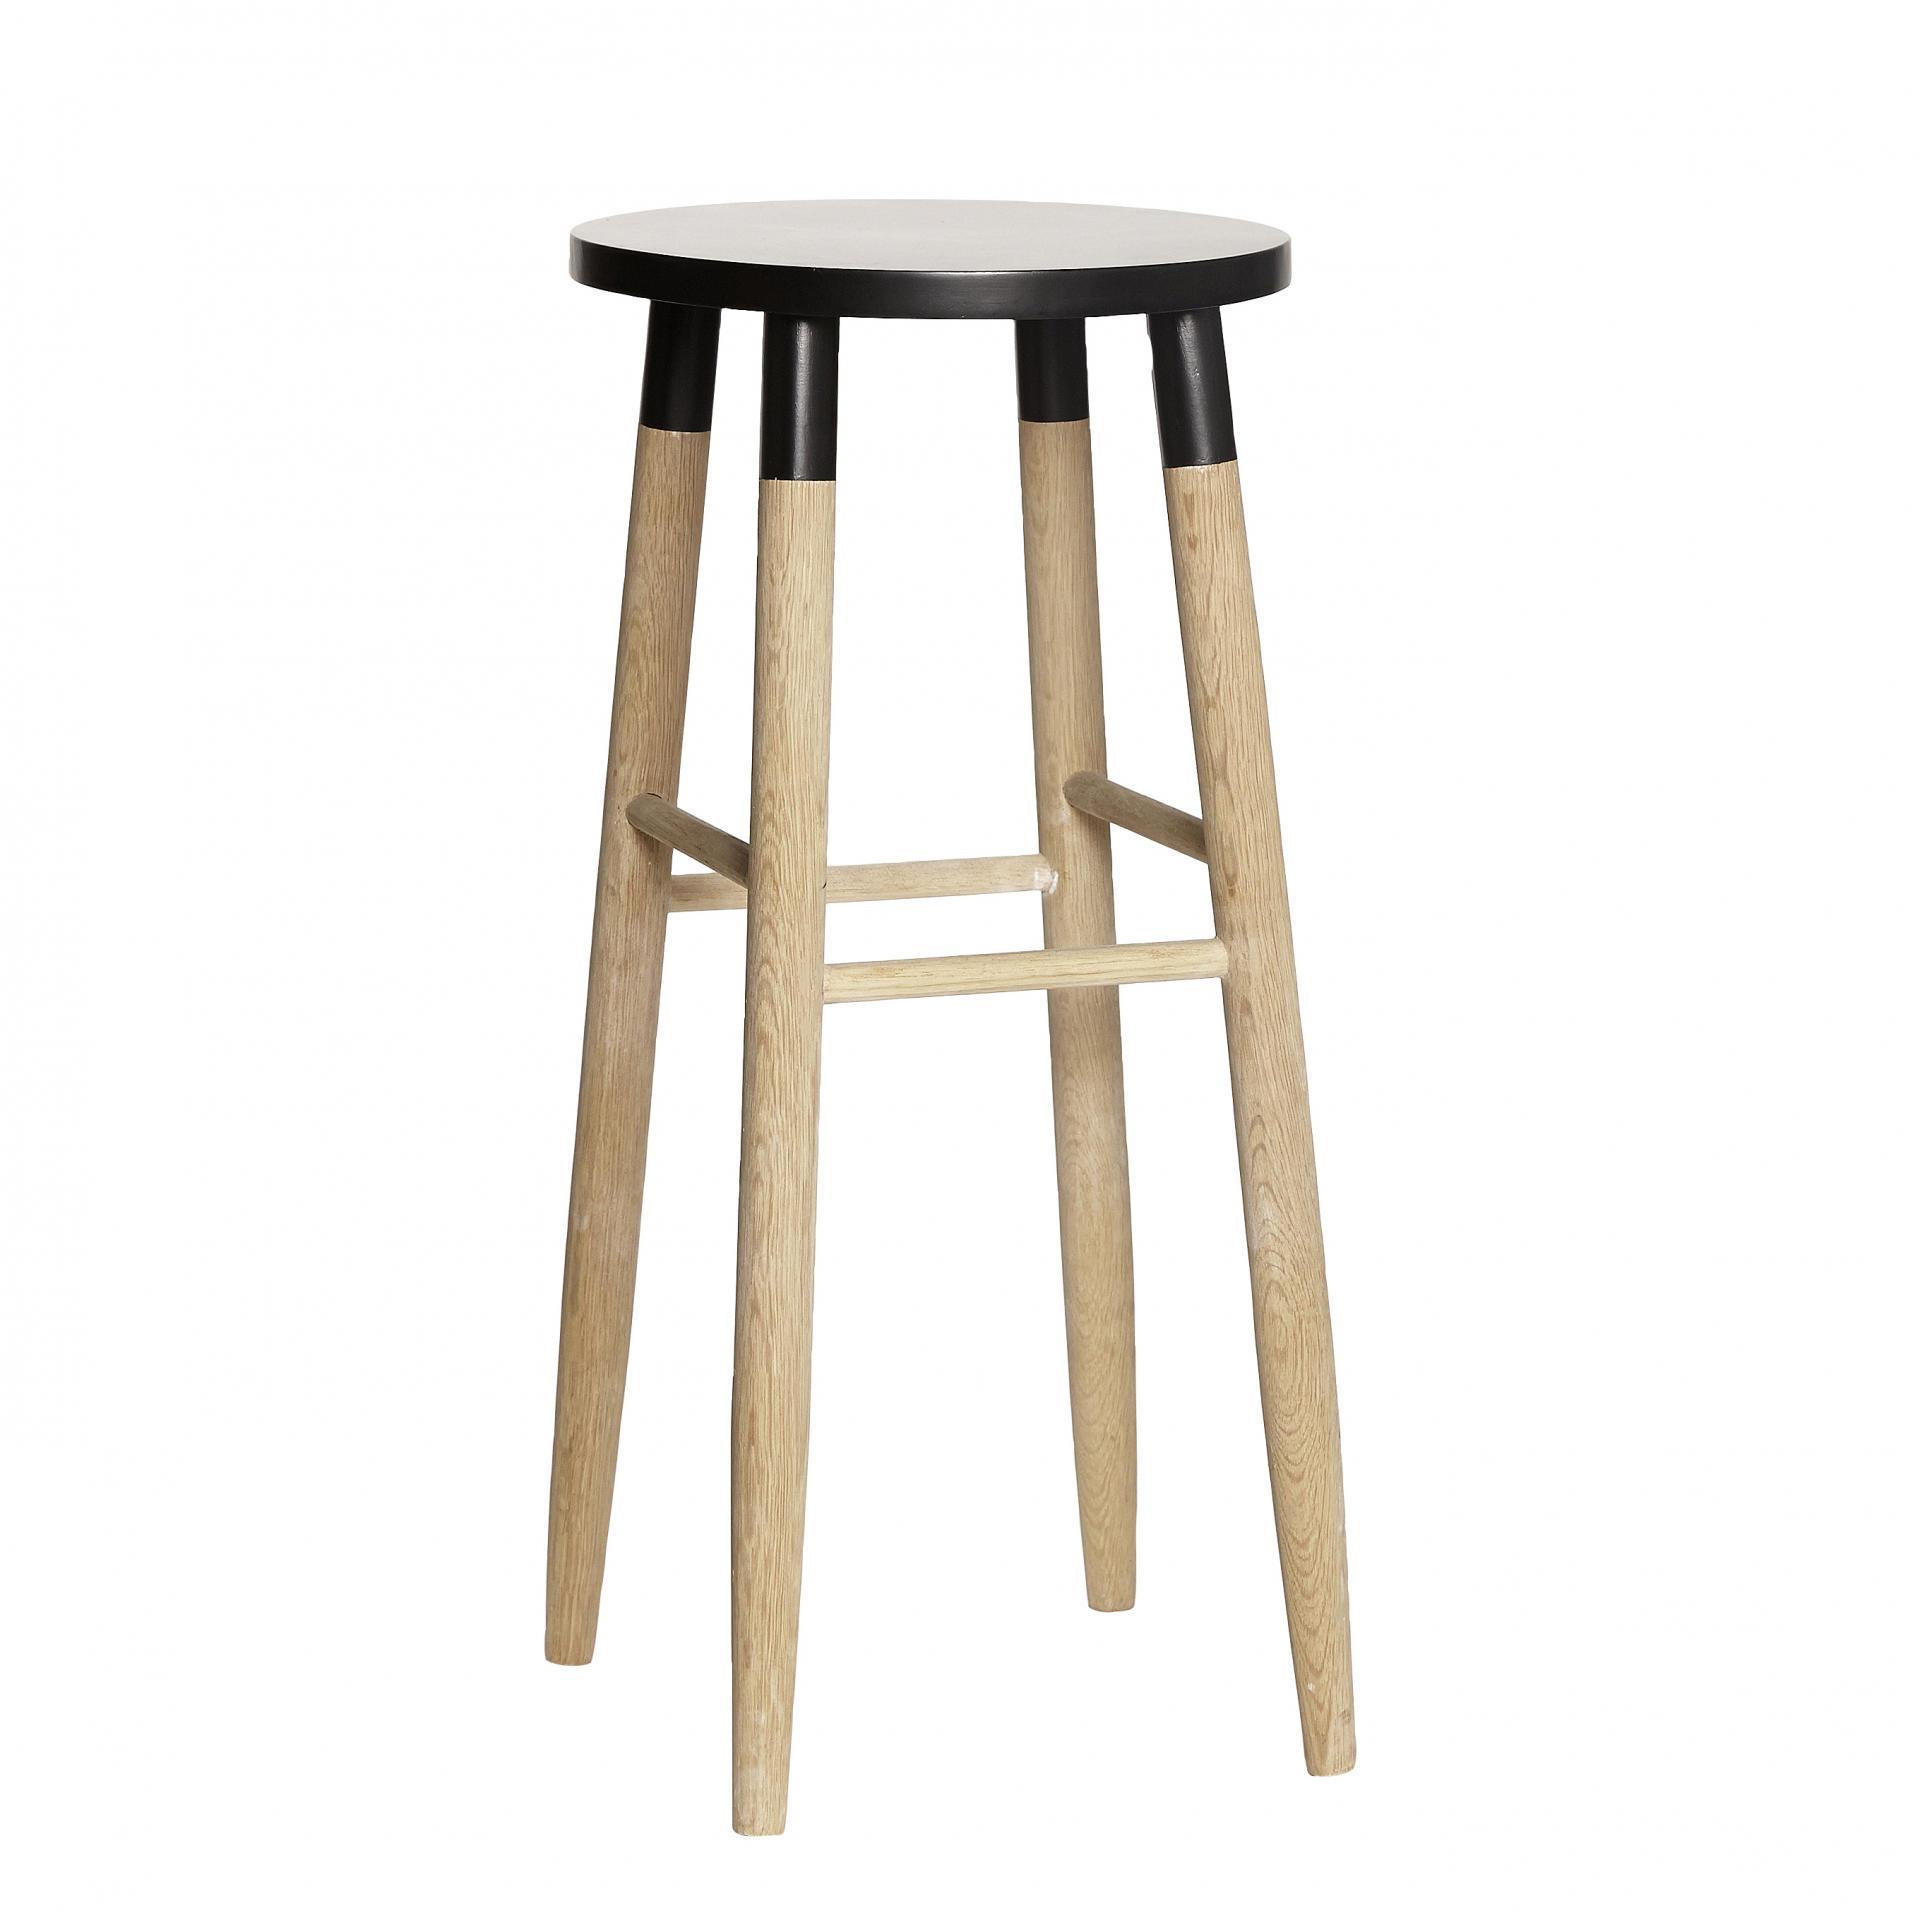 Hübsch Barová stolička Nature/black